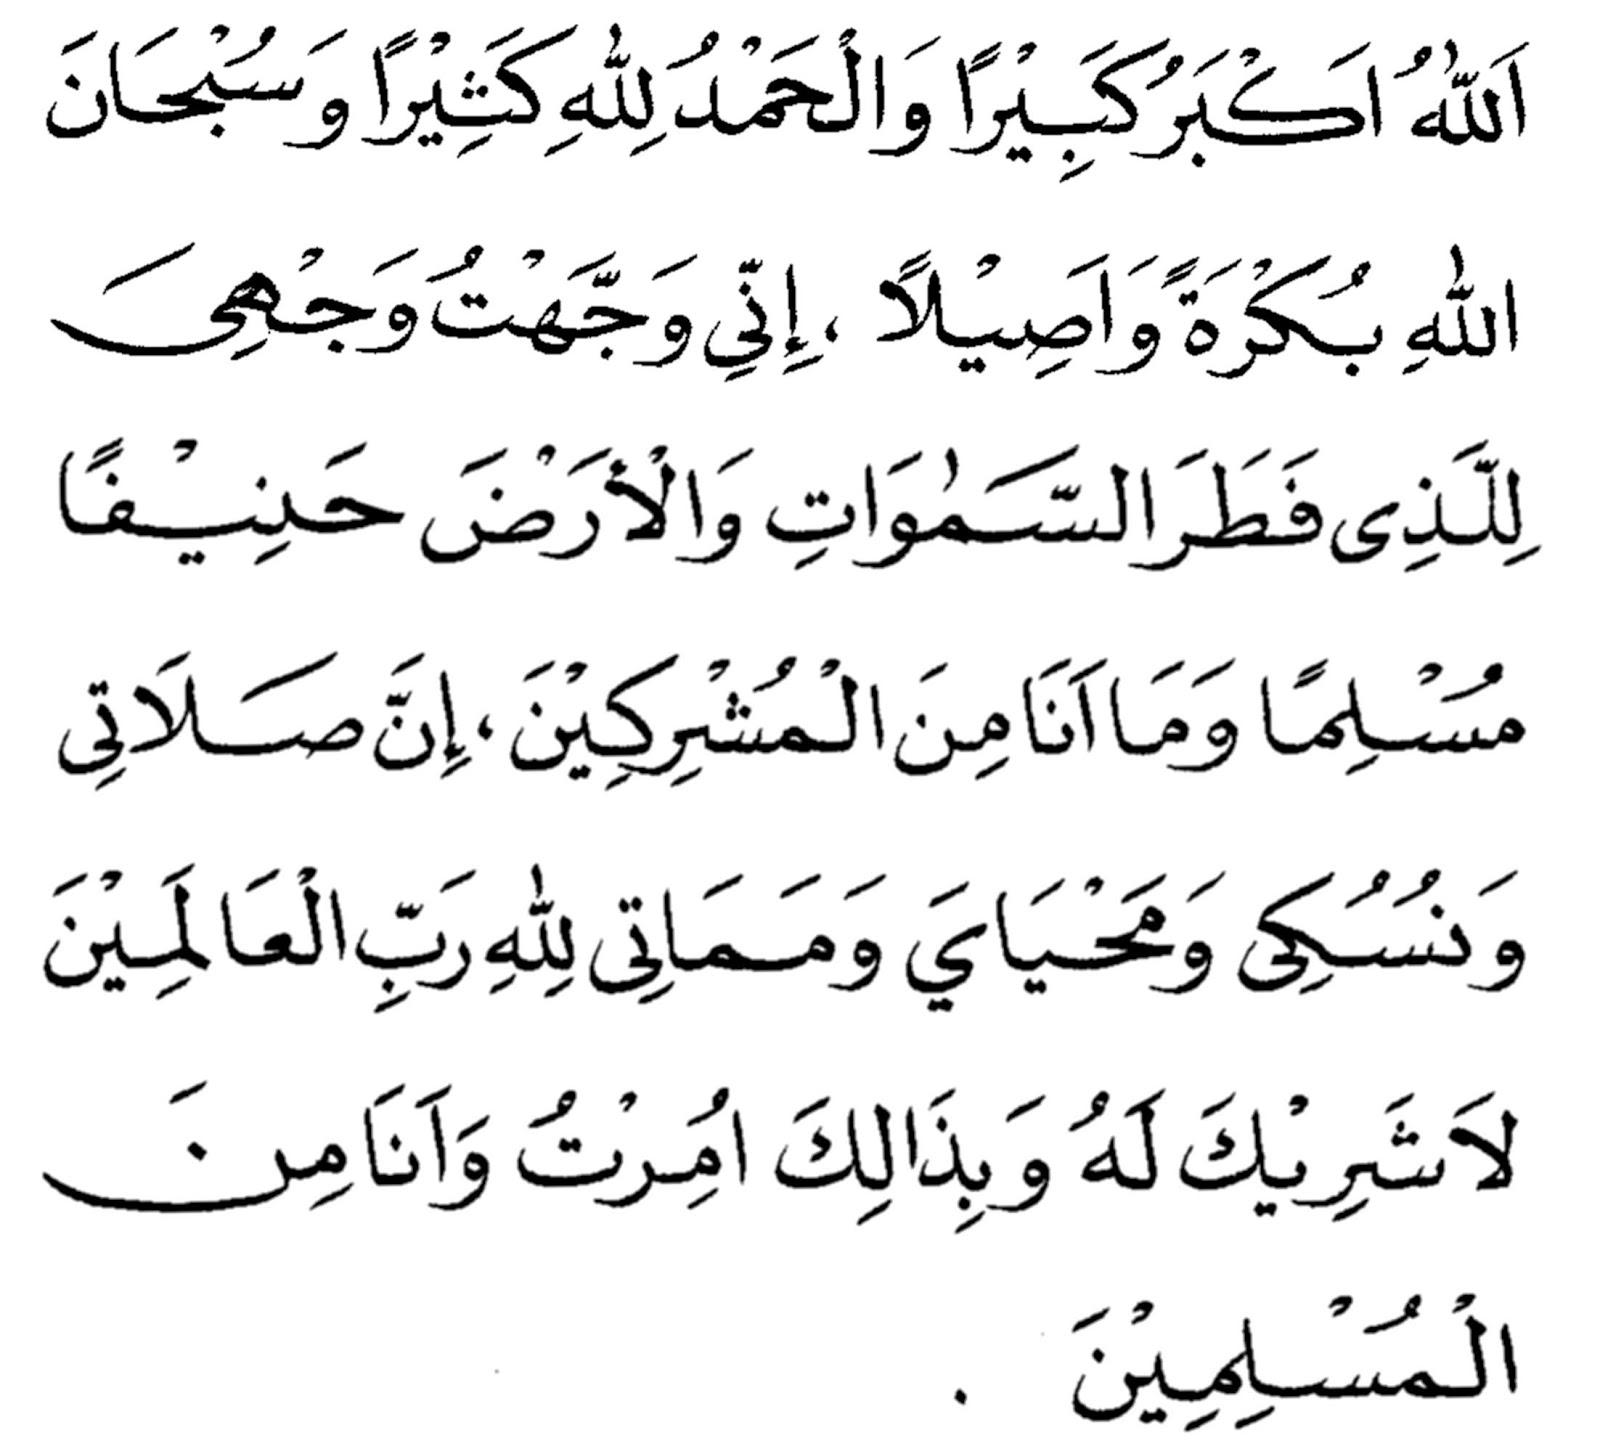 Bacaan Doa Iftitah Dalam Bahasa Arab Dan Terjemahannya